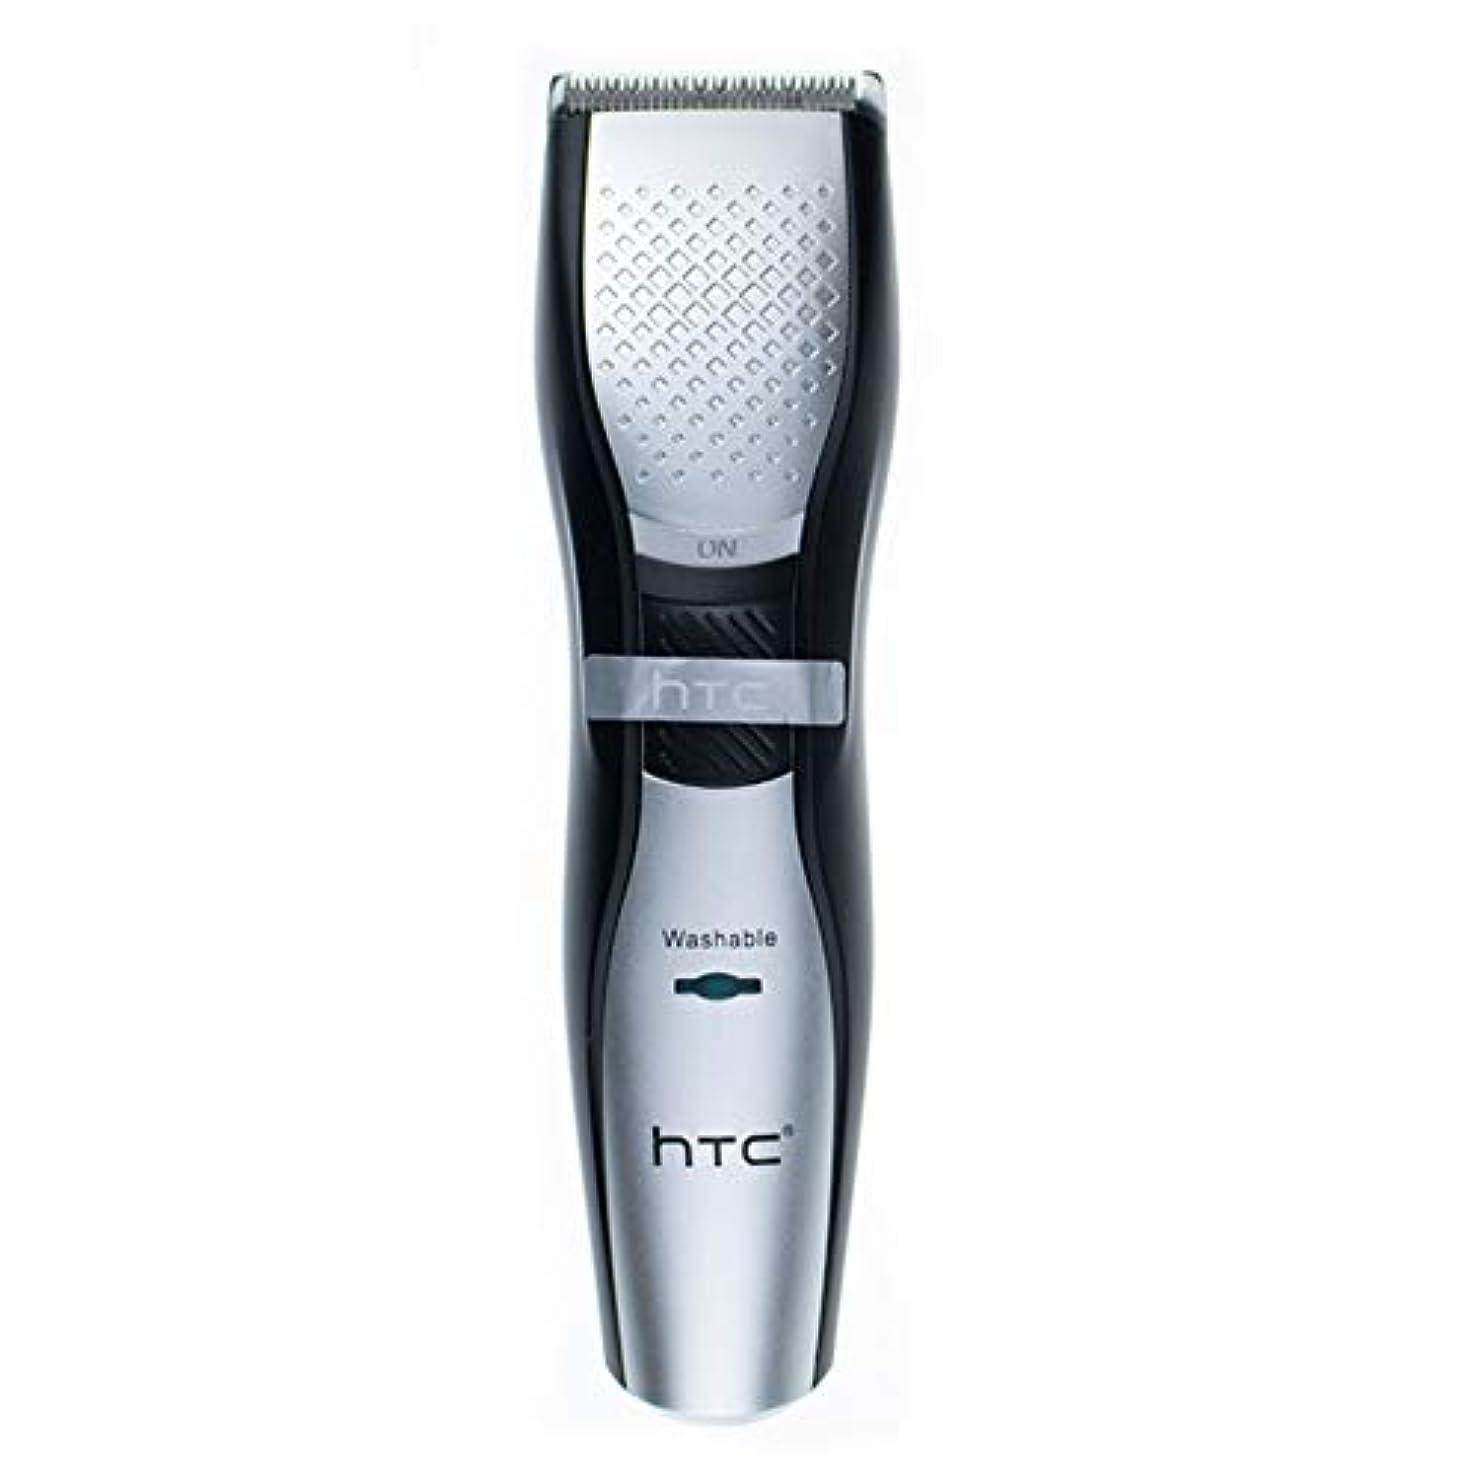 マークダウン比喩バリカン、男性用家庭用ひげ剃り、ボディウォッシュステンレスカッターヘッド、低騒音および低振動